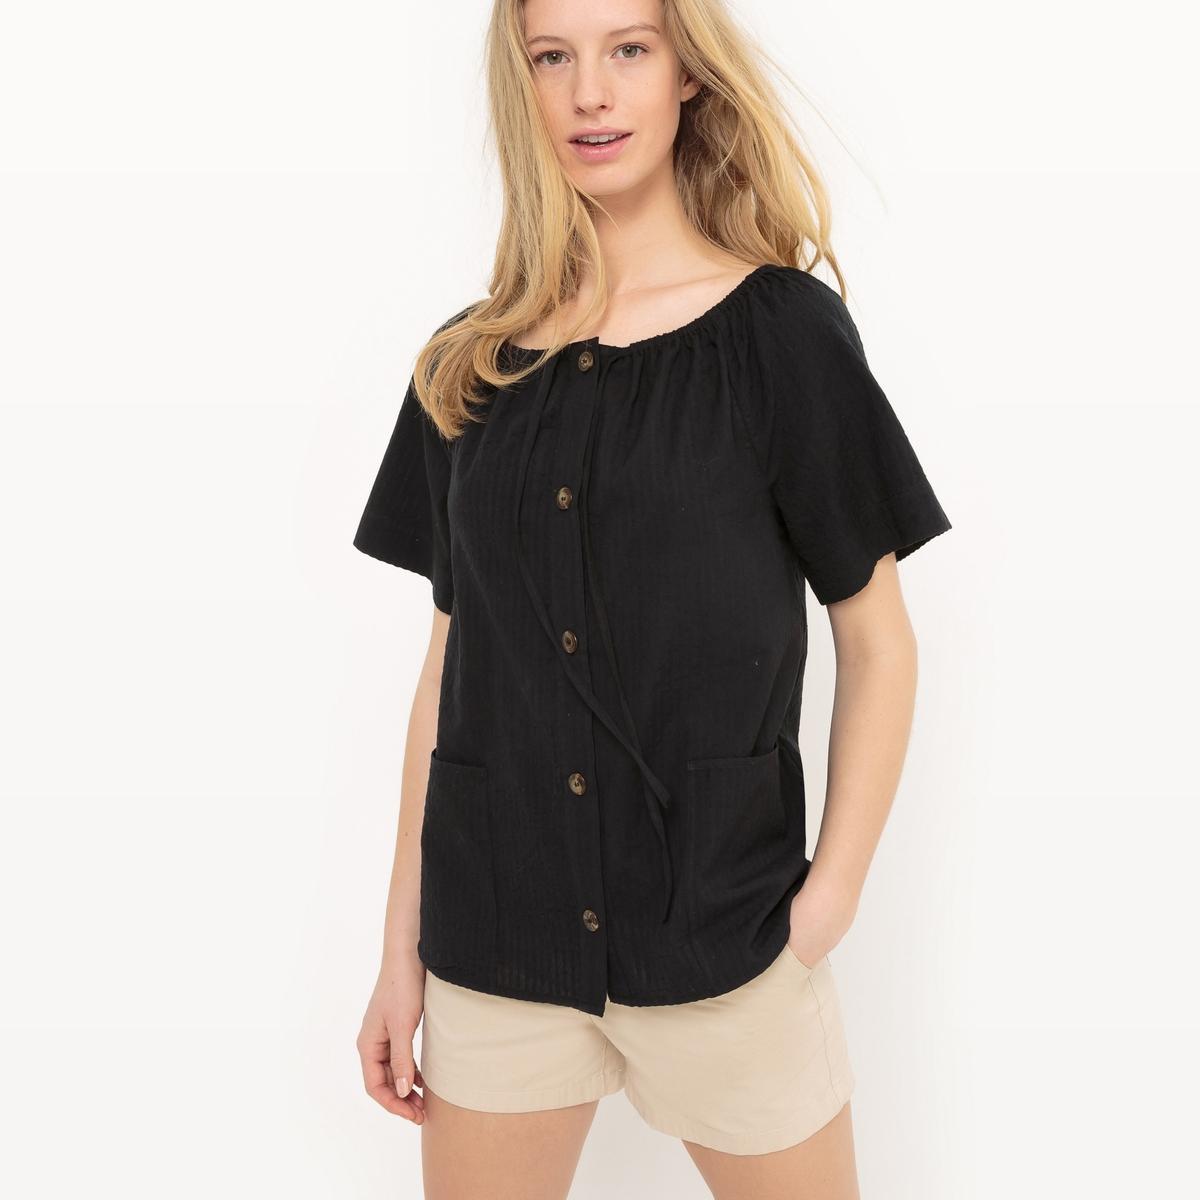 Блузка из хлопка, со шнуровкой и открытыми плечами